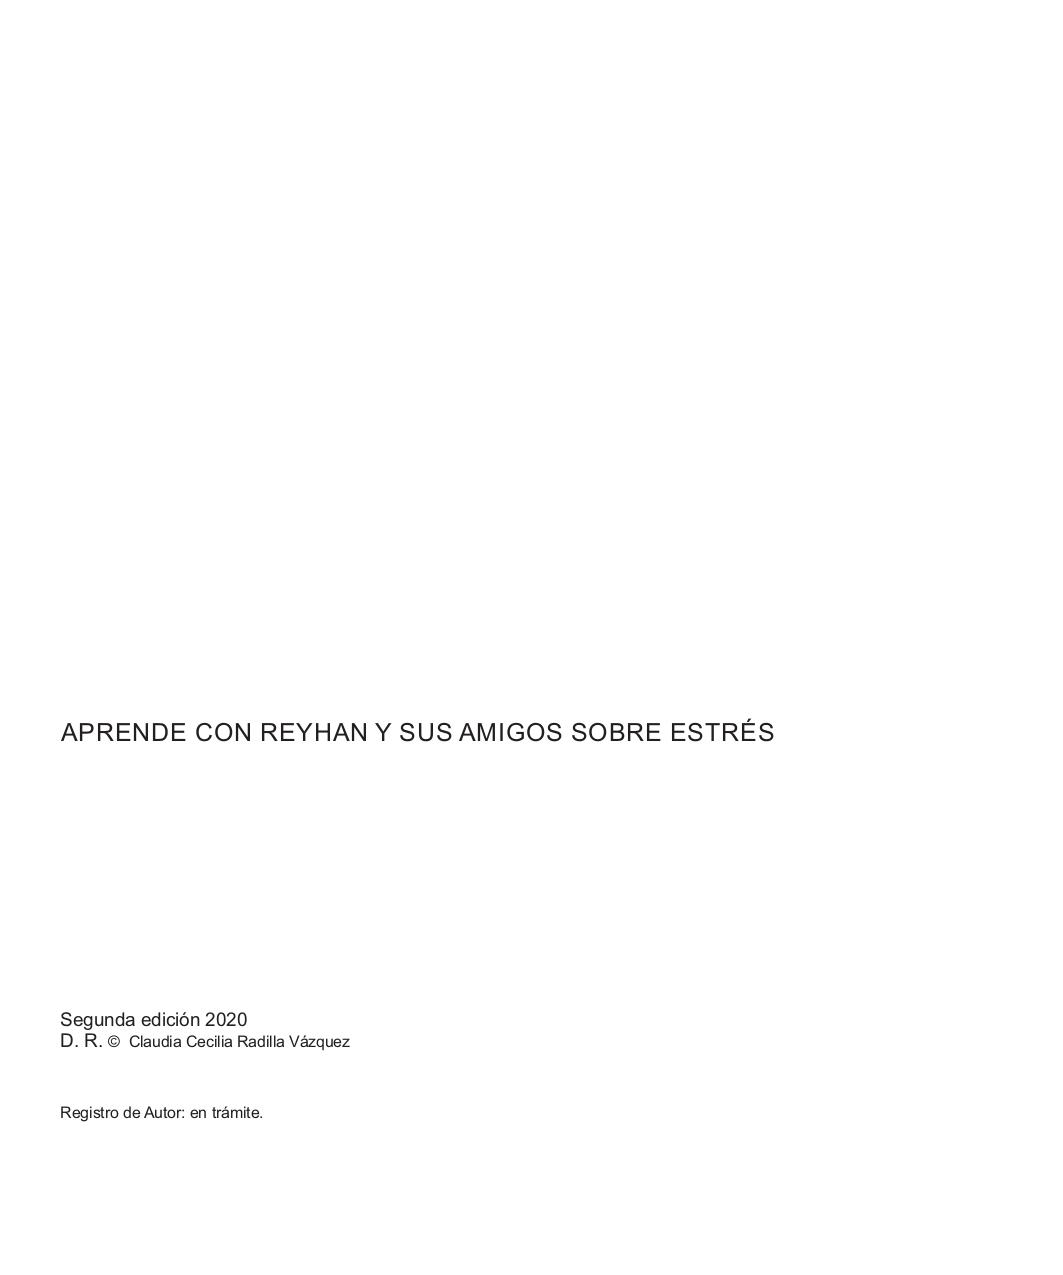 Estres Reyhan digital_page-0003